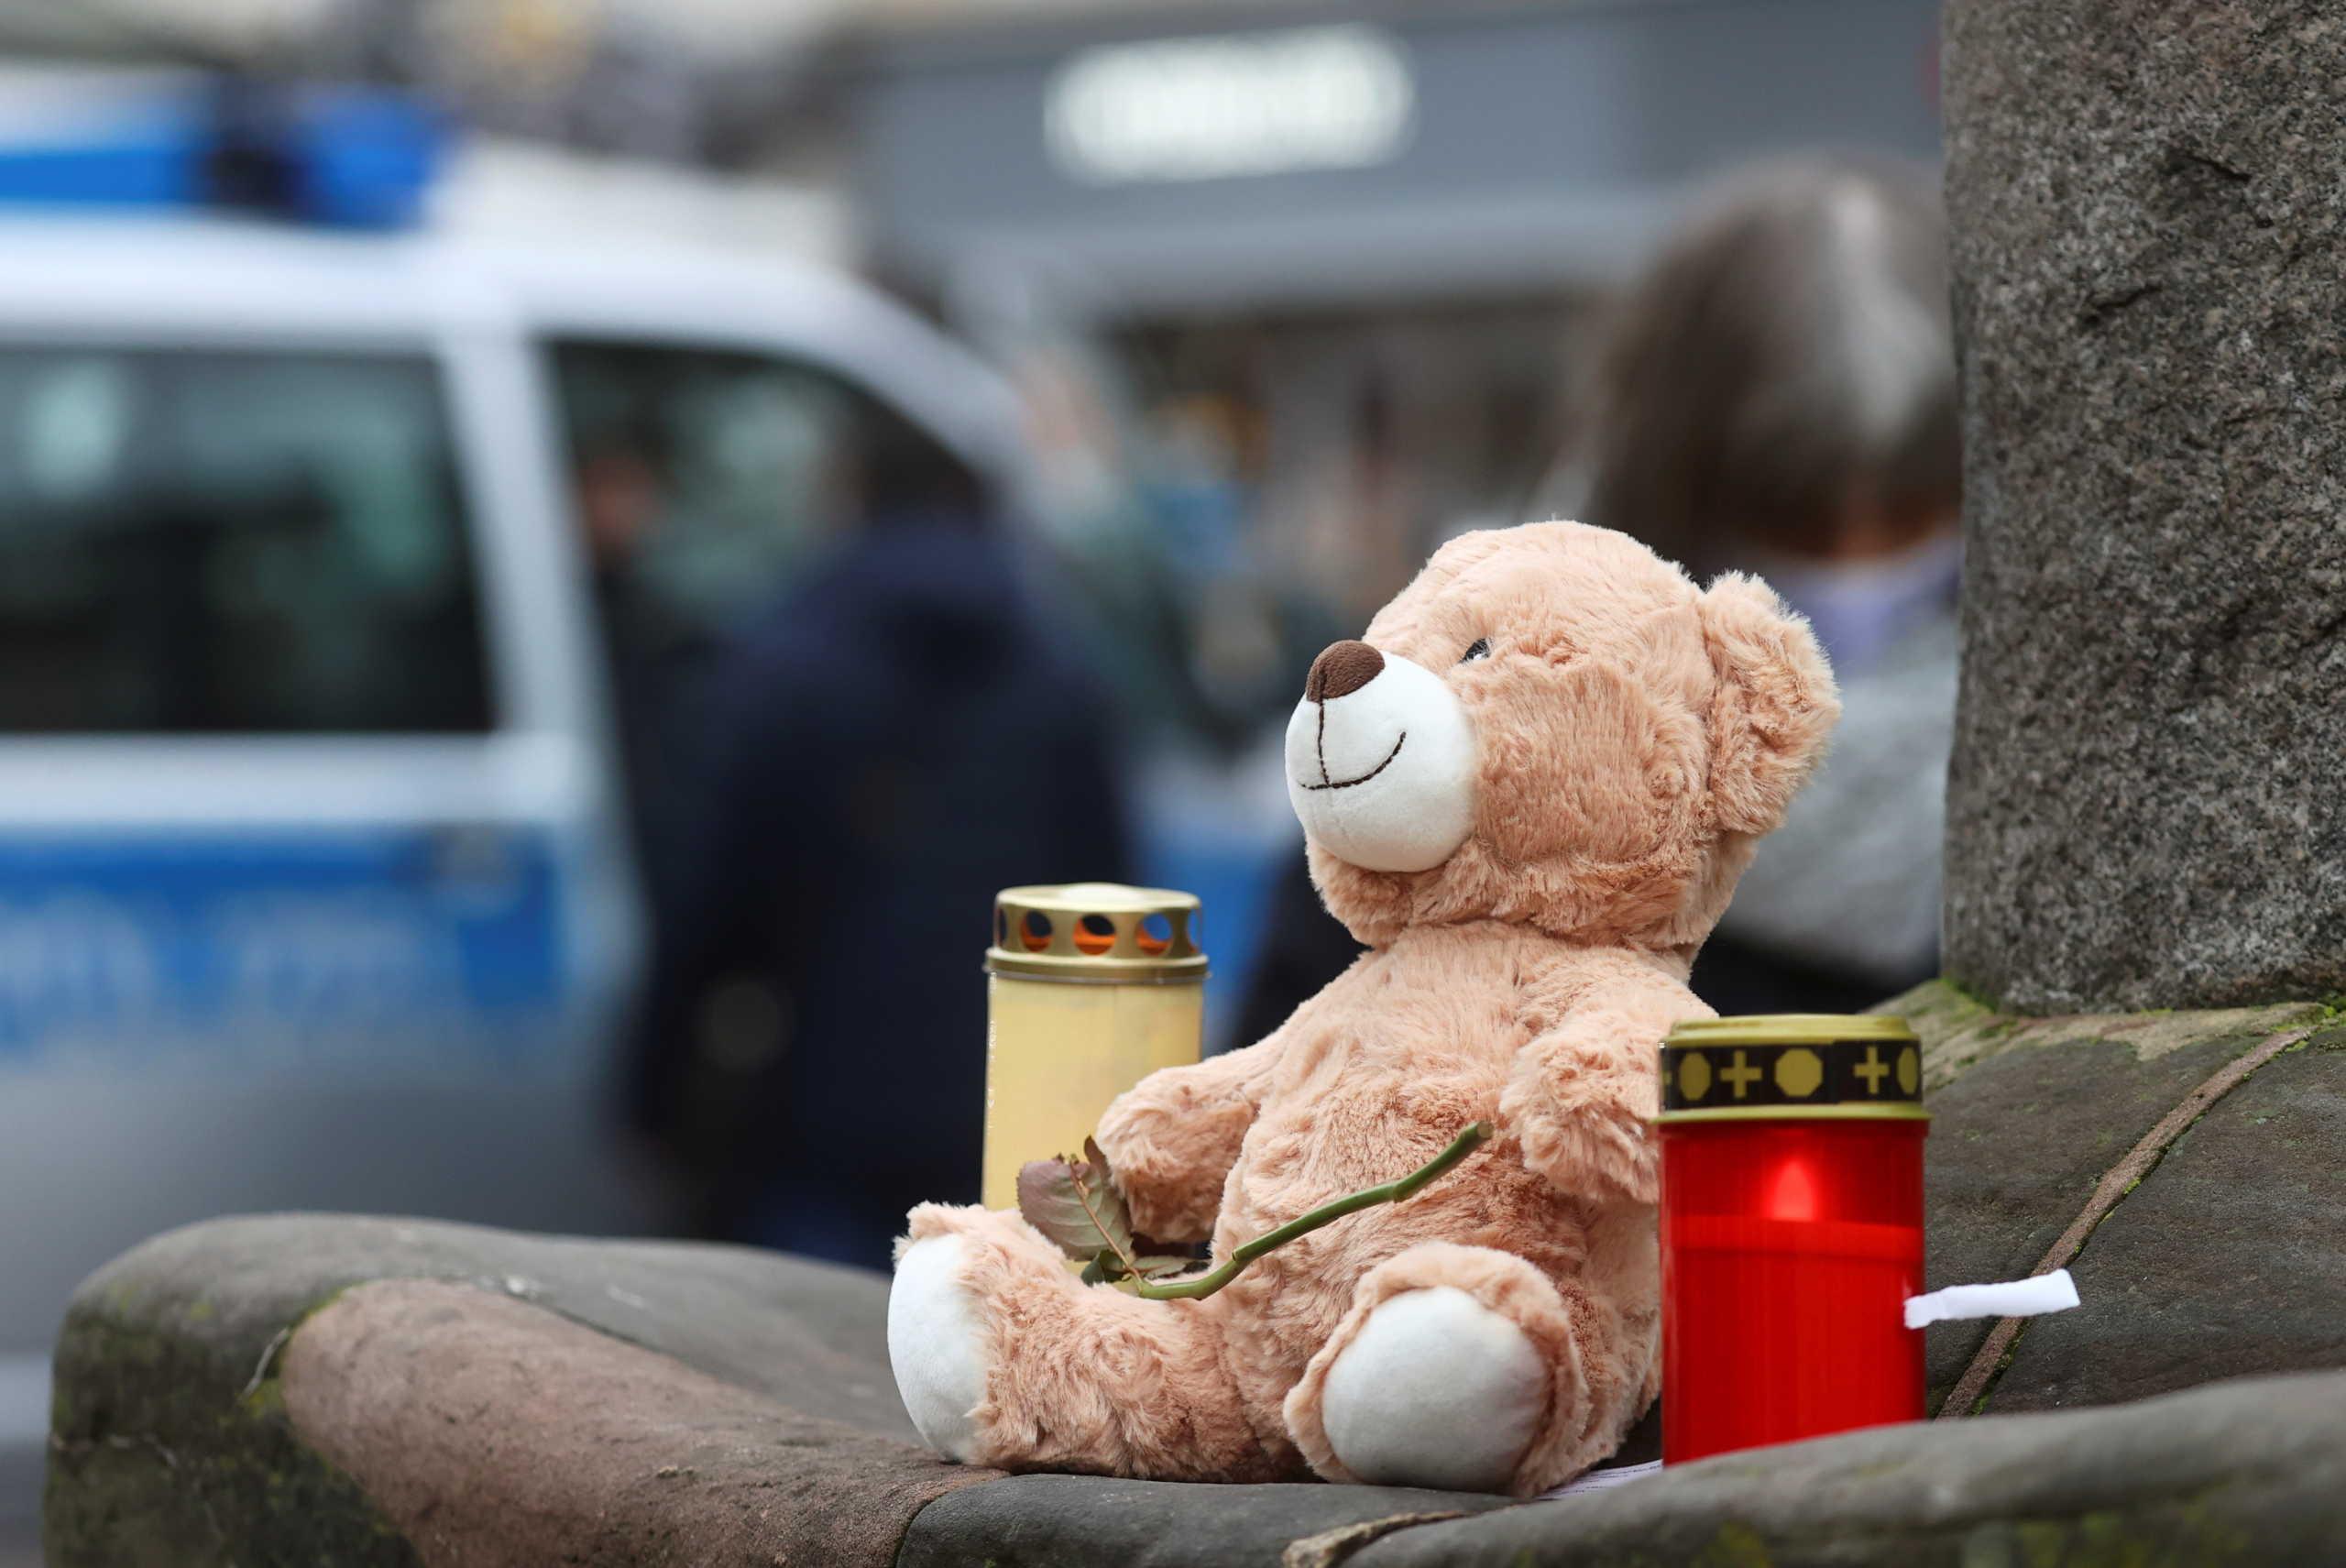 Γερμανία: Θρήνος στην ομογένεια για τον χαμό του 45χρονου Έλληνα και του μόλις 2 μηνών παιδιού του